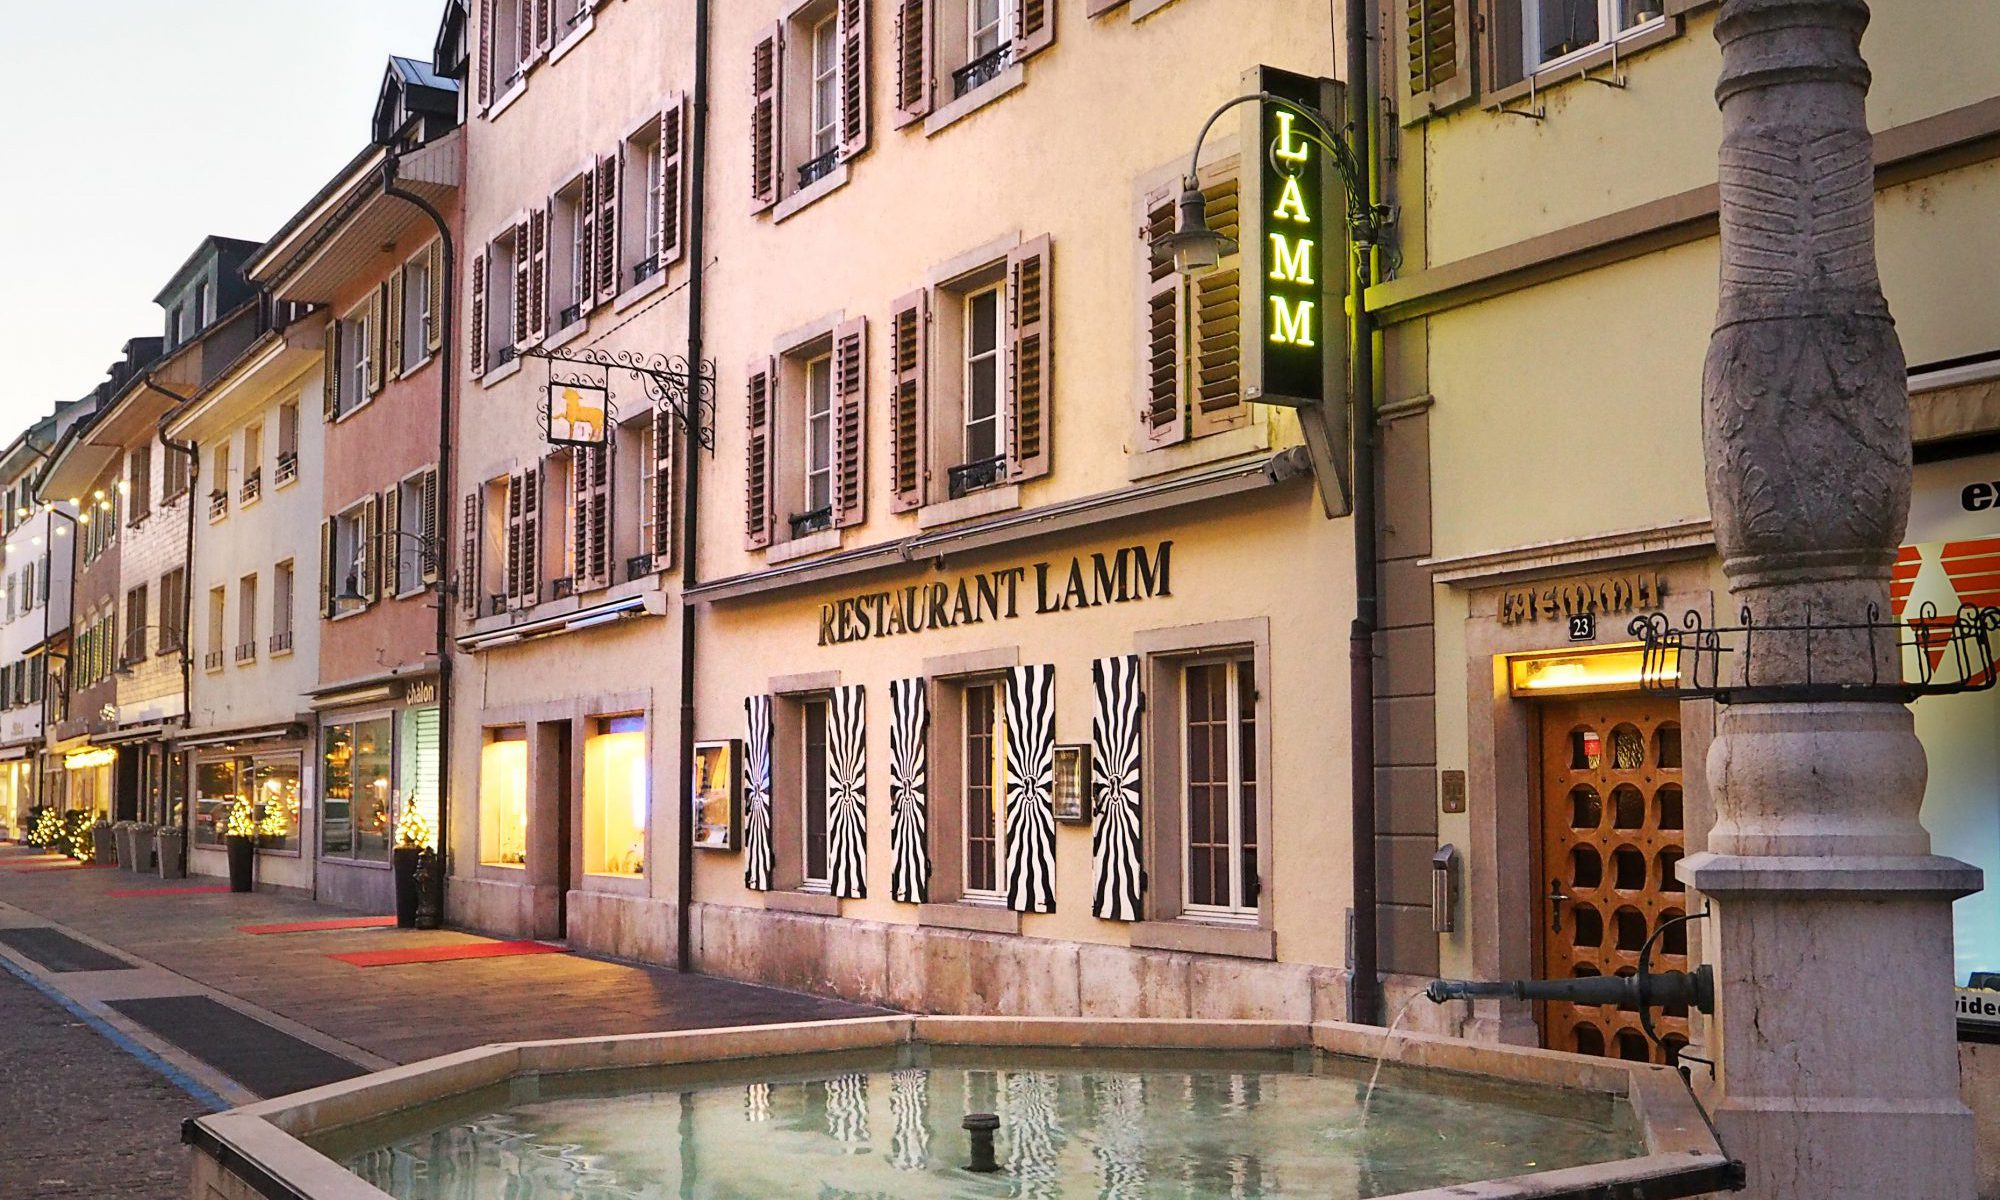 Restaurant Lamm Laufen